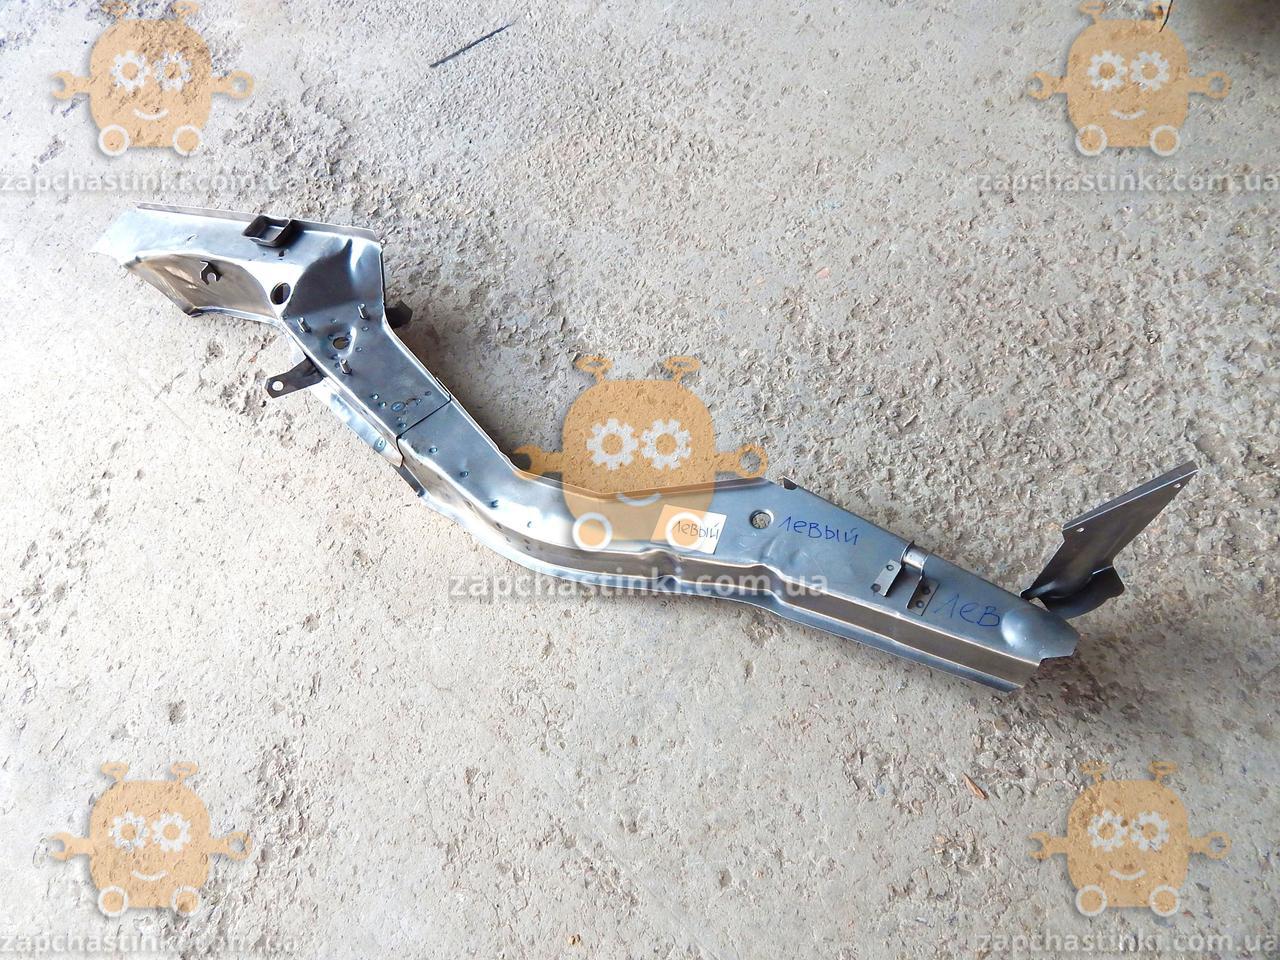 Лонжерон задній лівий ВАЗ 2108 - 2109 без вуха (пр-во Росія) БЕНКЕТ 92014 (Передоплата 150грн)